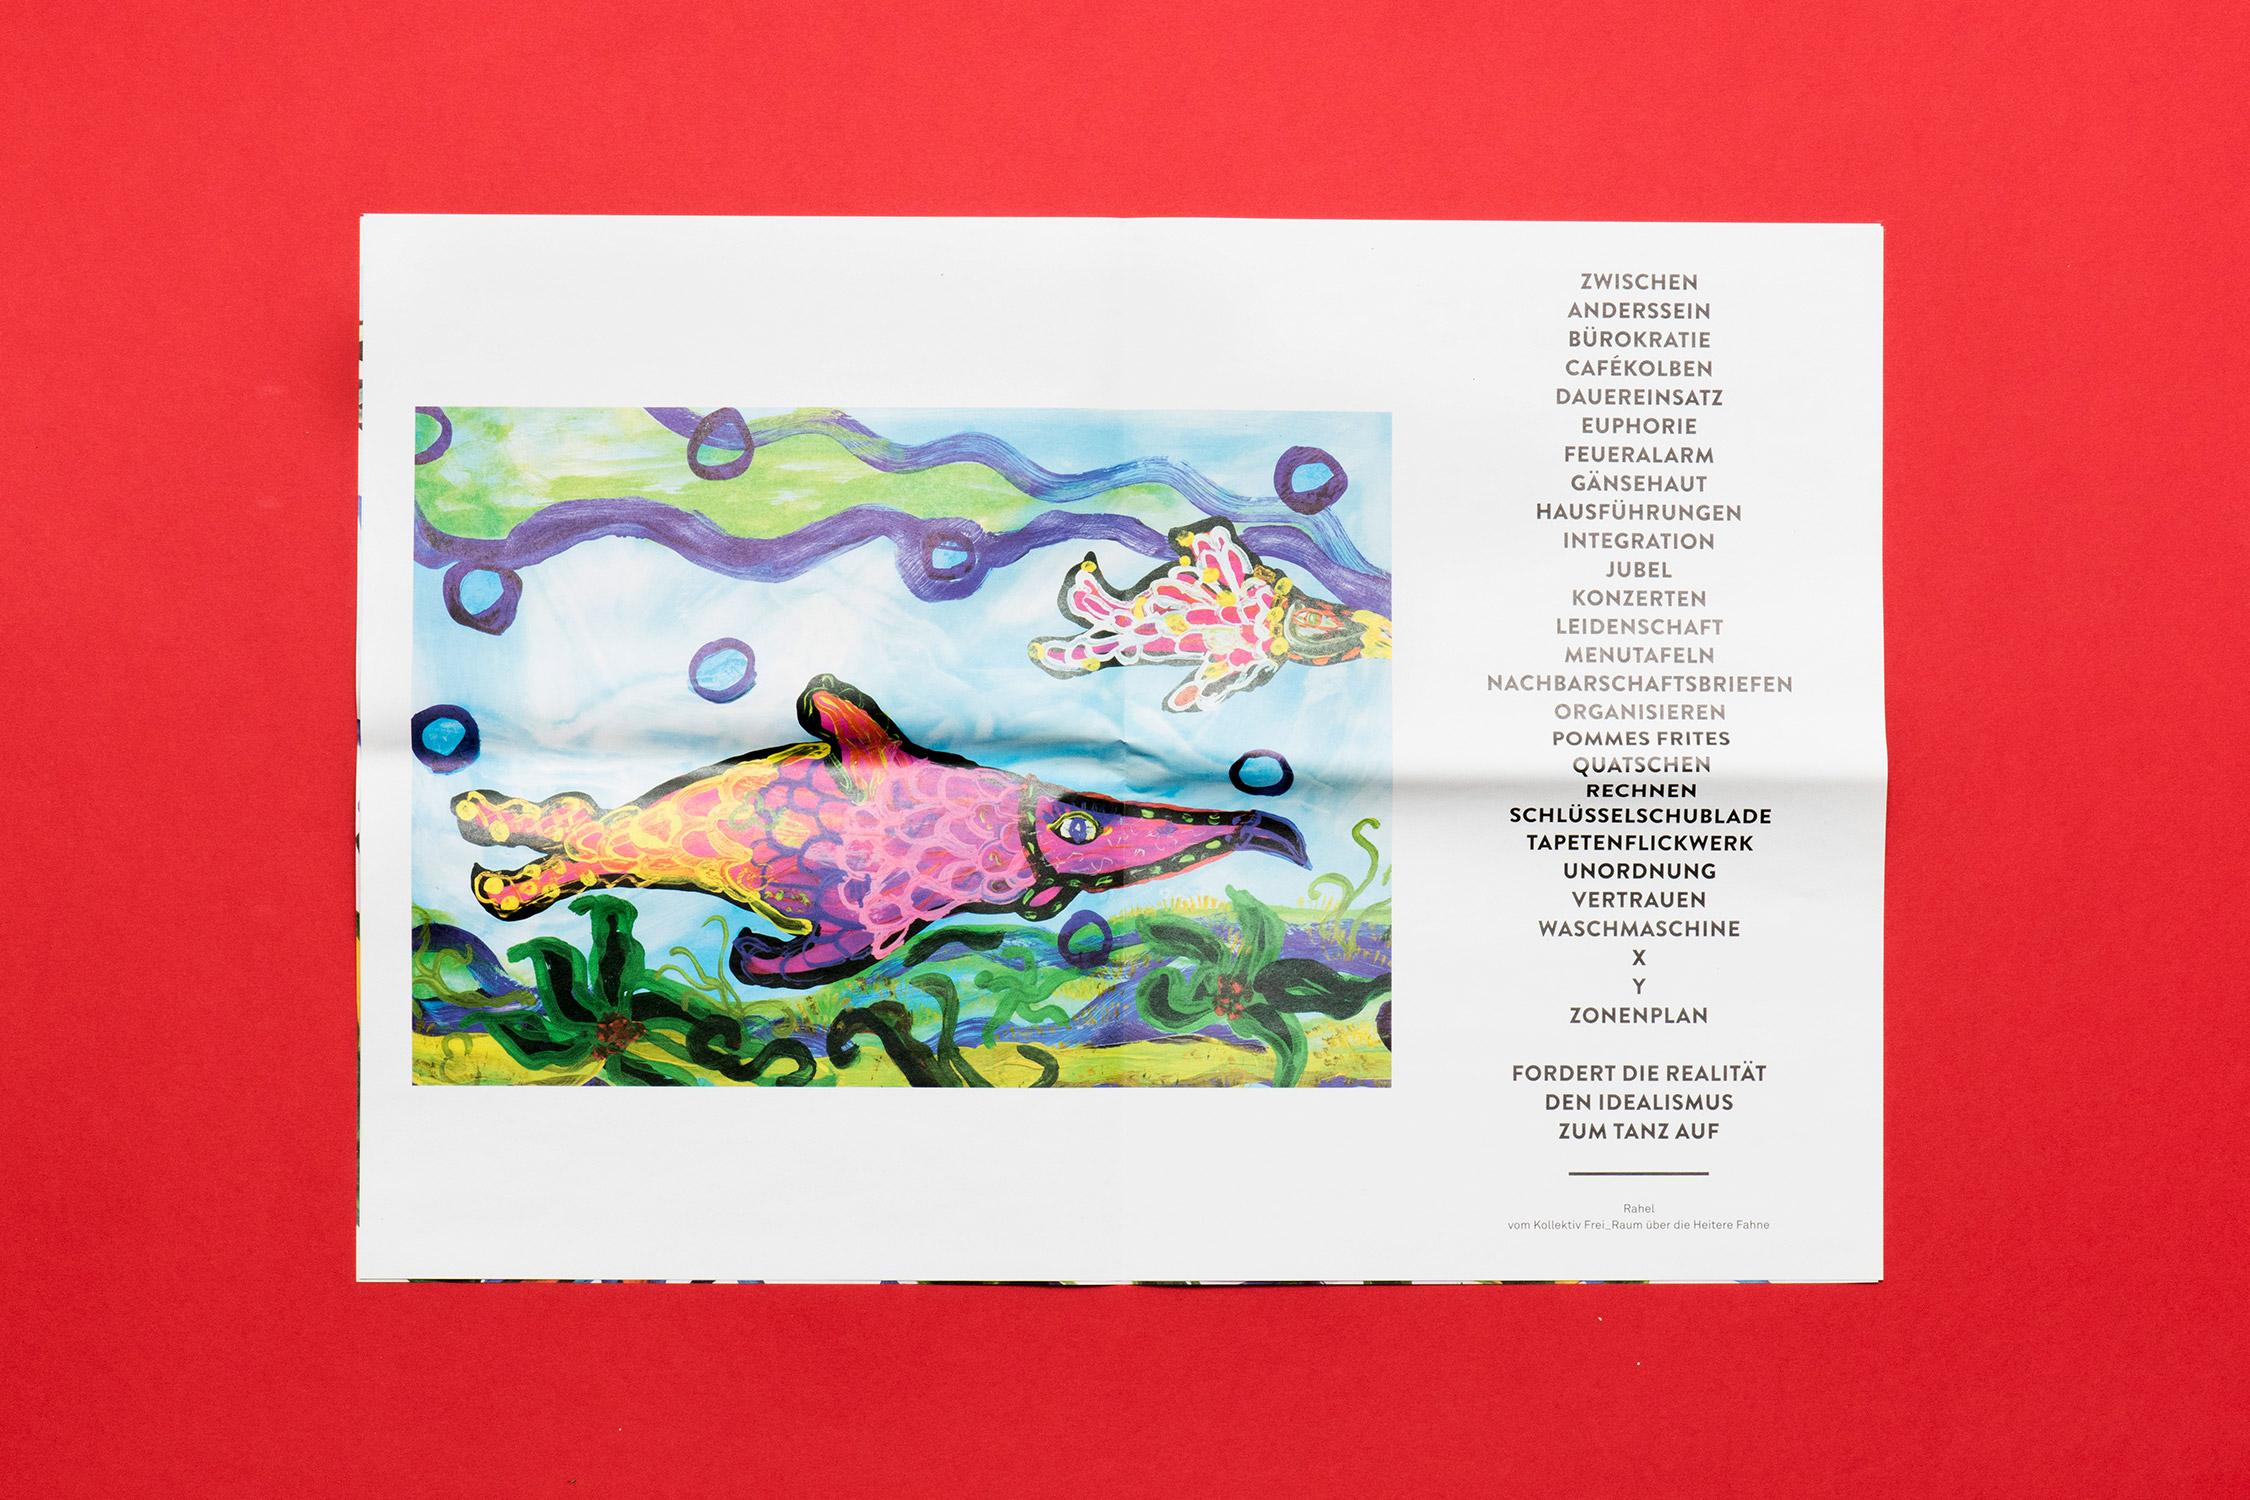 Säbel Bum, Melanie Brandel - Manufaktur für Gestaltung, Bern, Solothurn, Design, Grafik, Art Direction, Typografie, Webdesign, Branding, Corporate Design, Editorial Design, Logos, Geschäftsberichte, Buchdesign